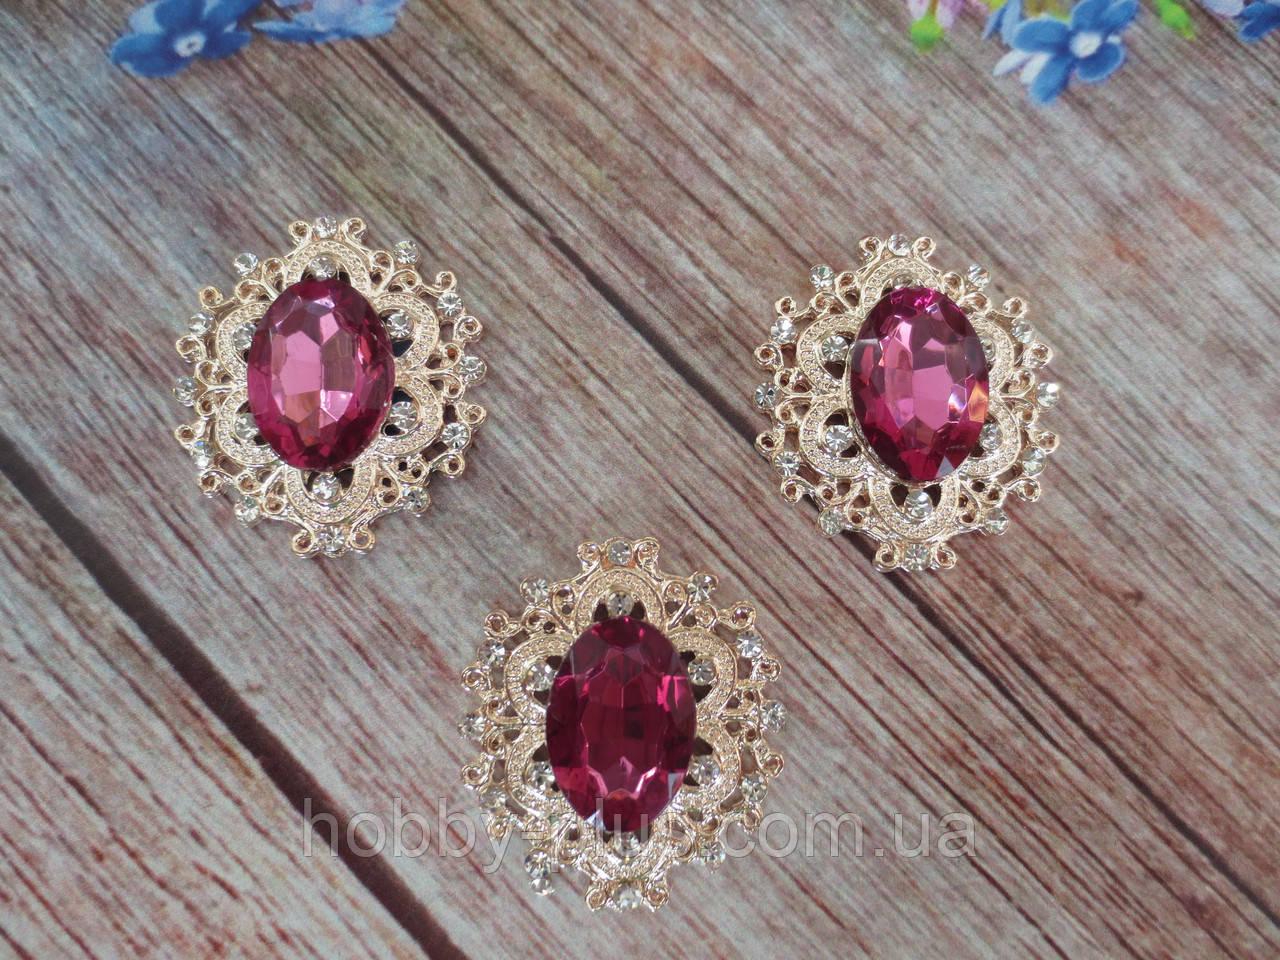 Металлический клеевой декор, 30х32 мм, цвет оправы светлое золото, цвет камня темно-малиновый, 1 шт